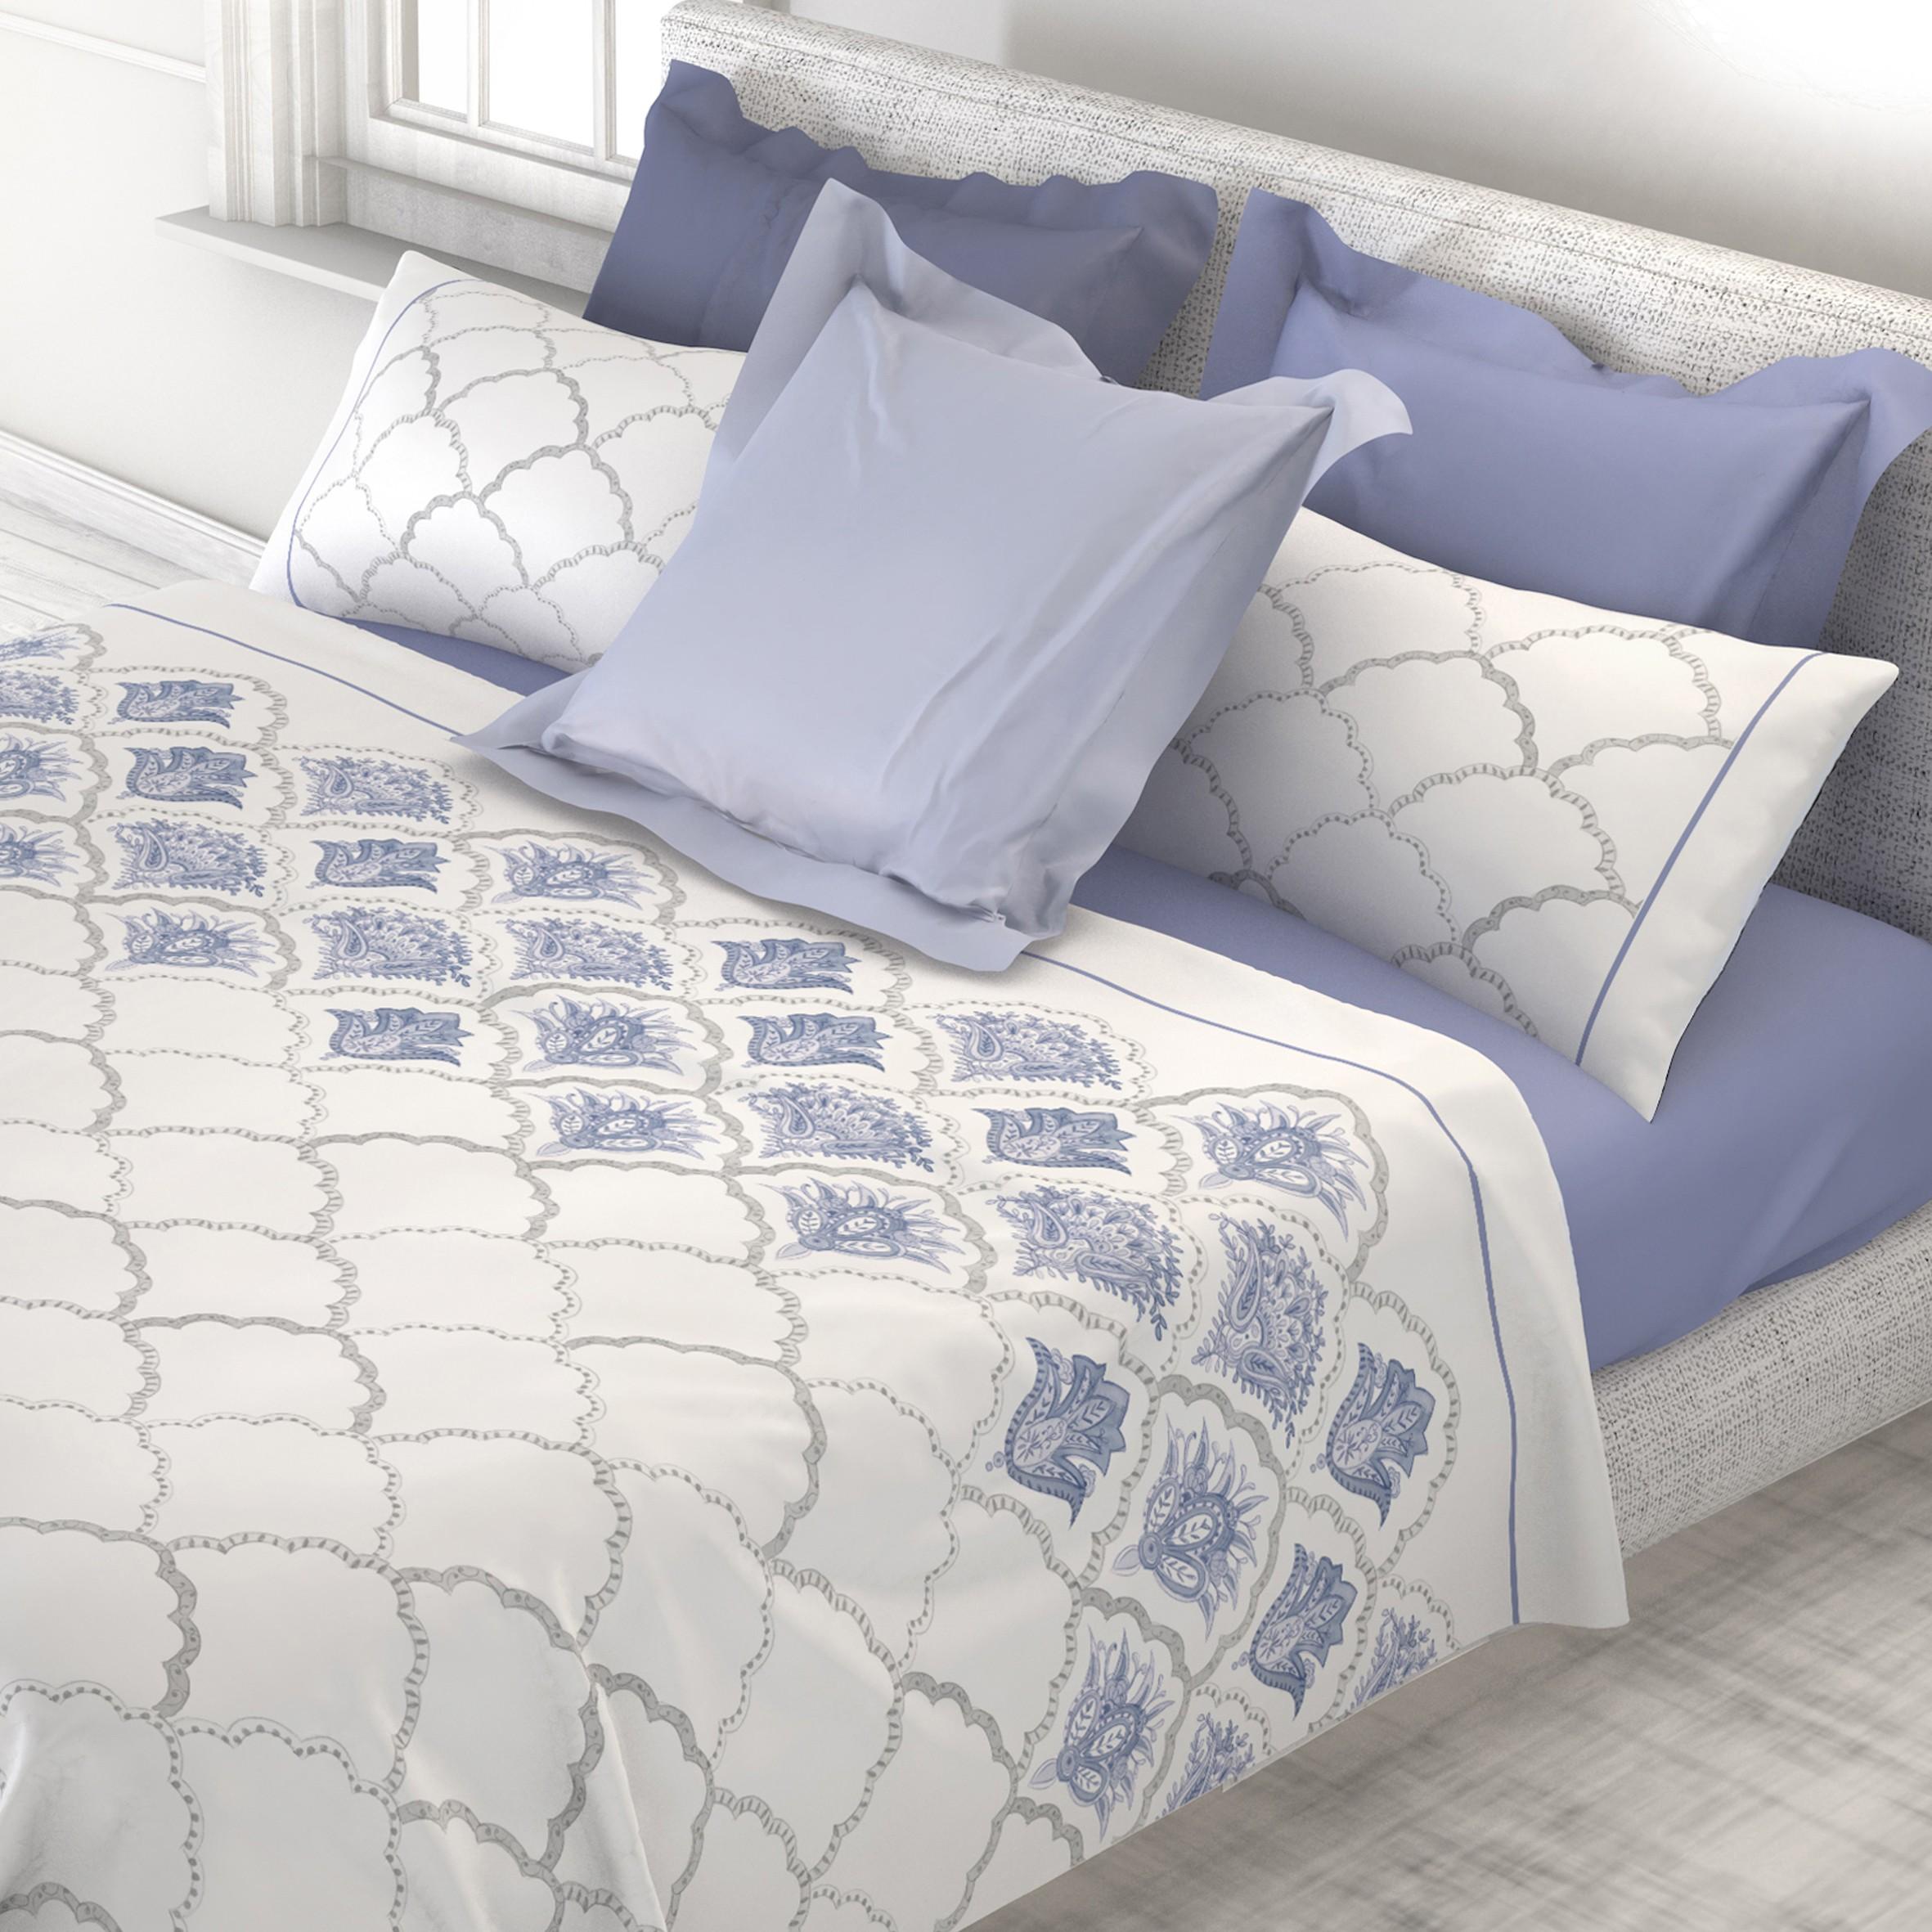 PV-20-201-1-502-coimbra-juego-sábanas-azul